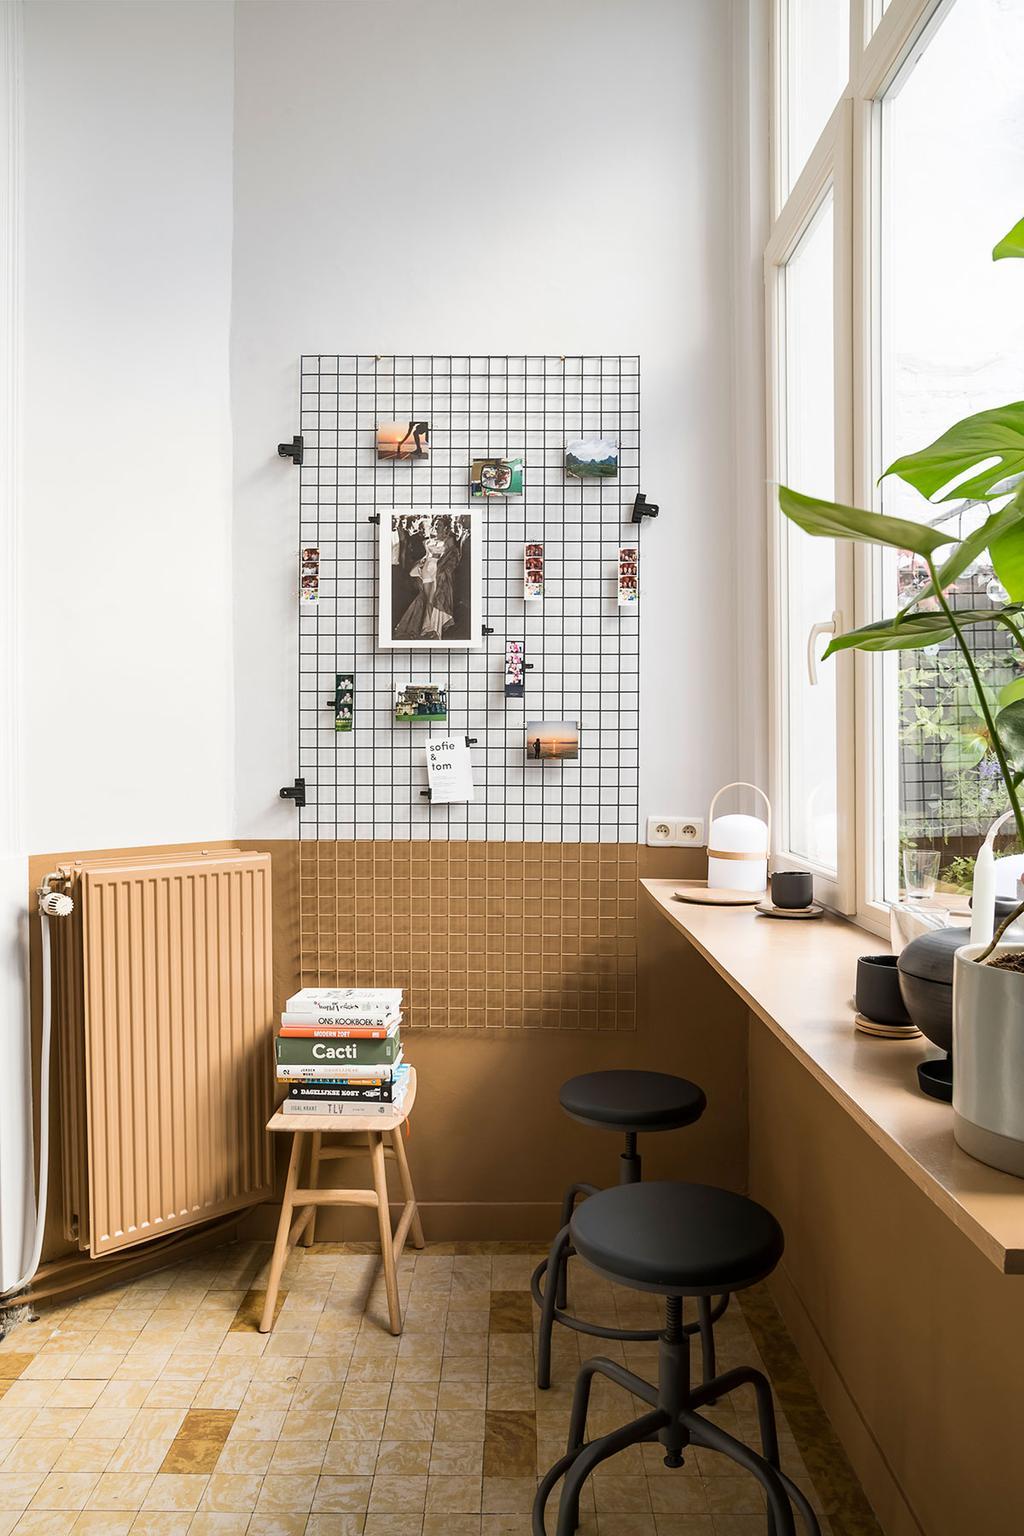 Barretje in lichte ruimte met decoratie en planten, te zien in de tweede aflevering van Een frisse start met vtwonen over Lukas en Katrien